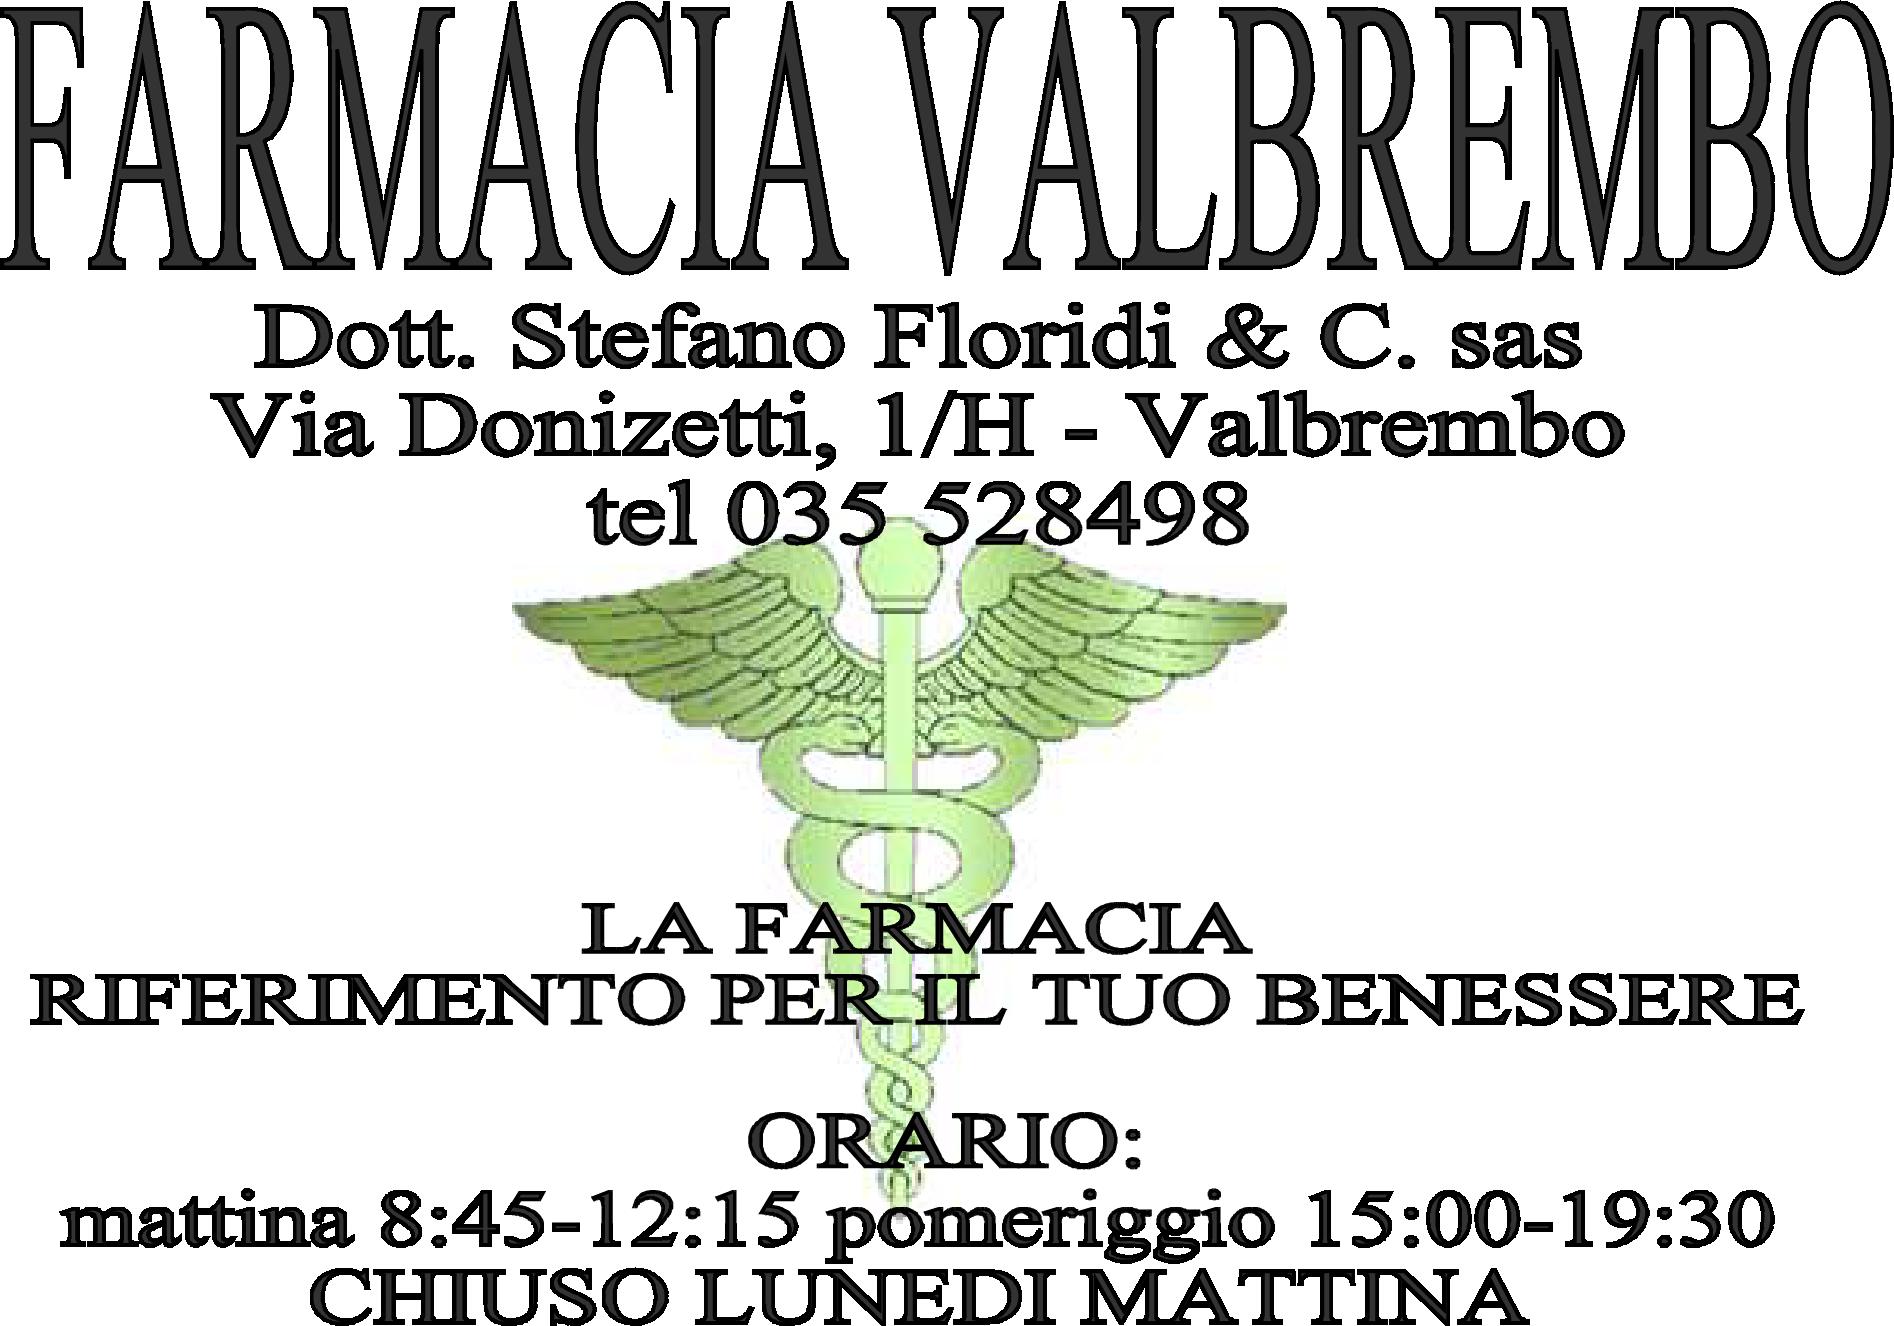 Farmacia Valbrembo